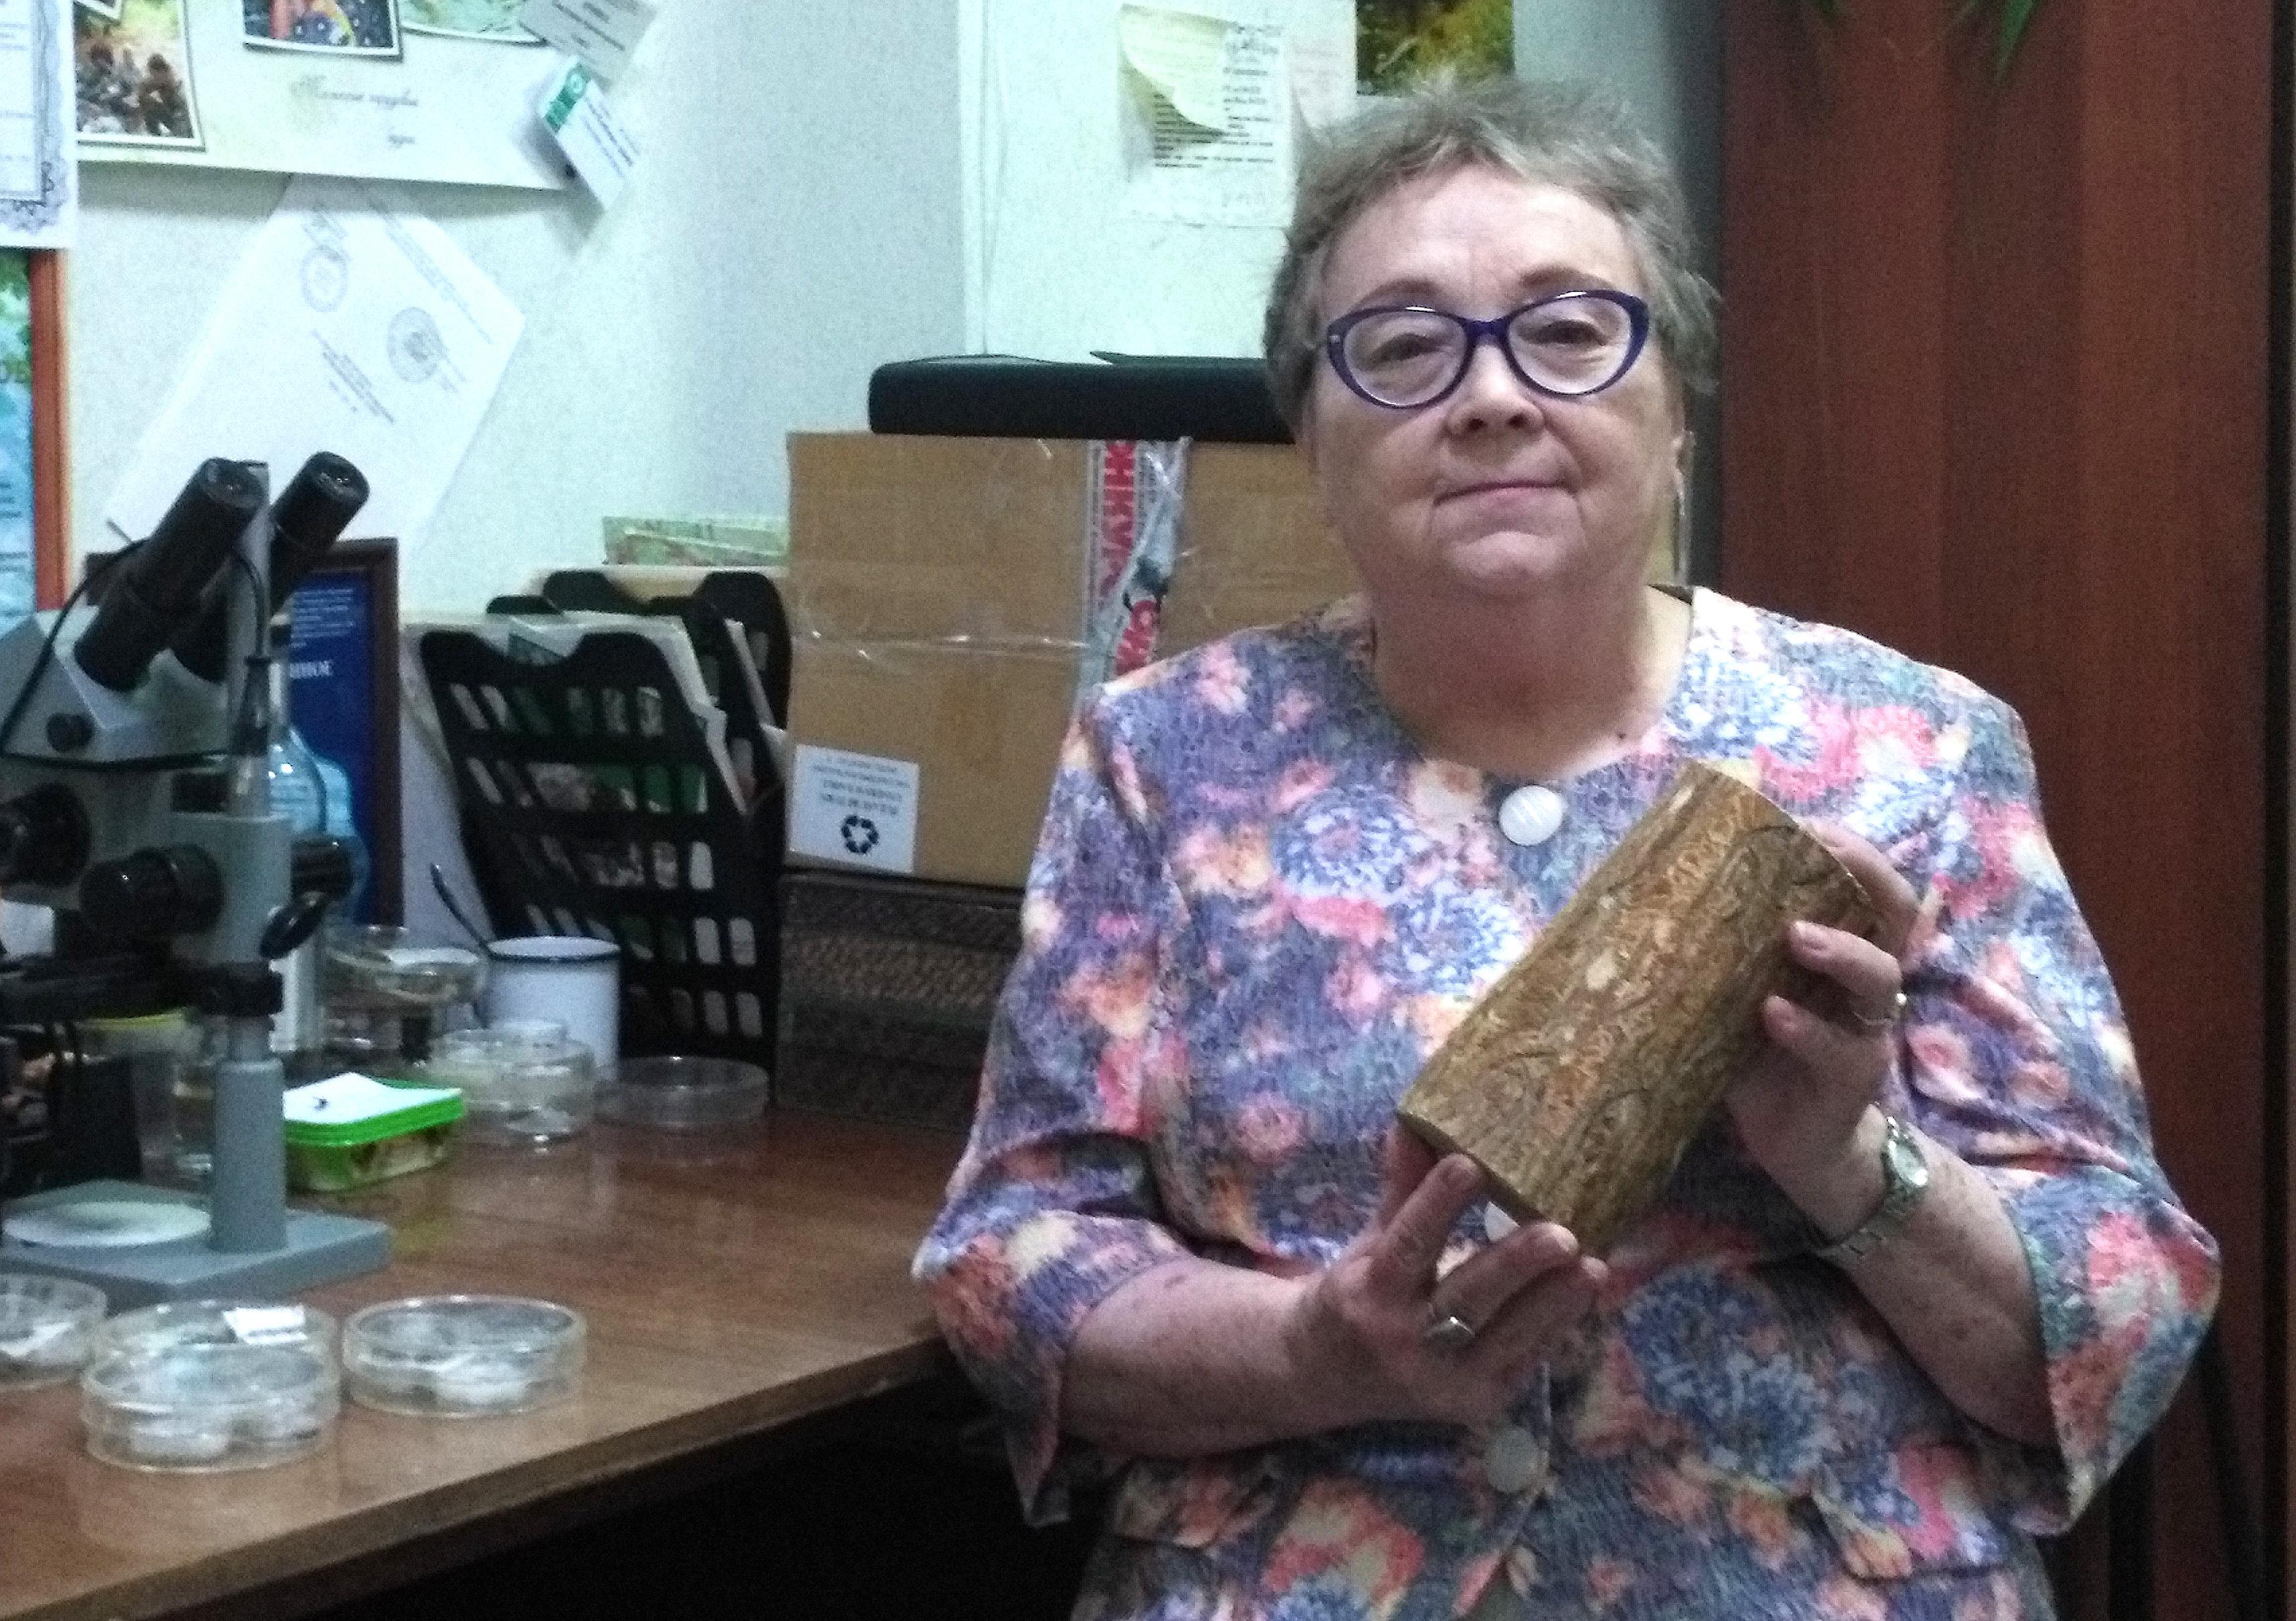 Кандидат биологических наук Светлана Кривец держит фрагмент ствола, поврежденного союзным короедом